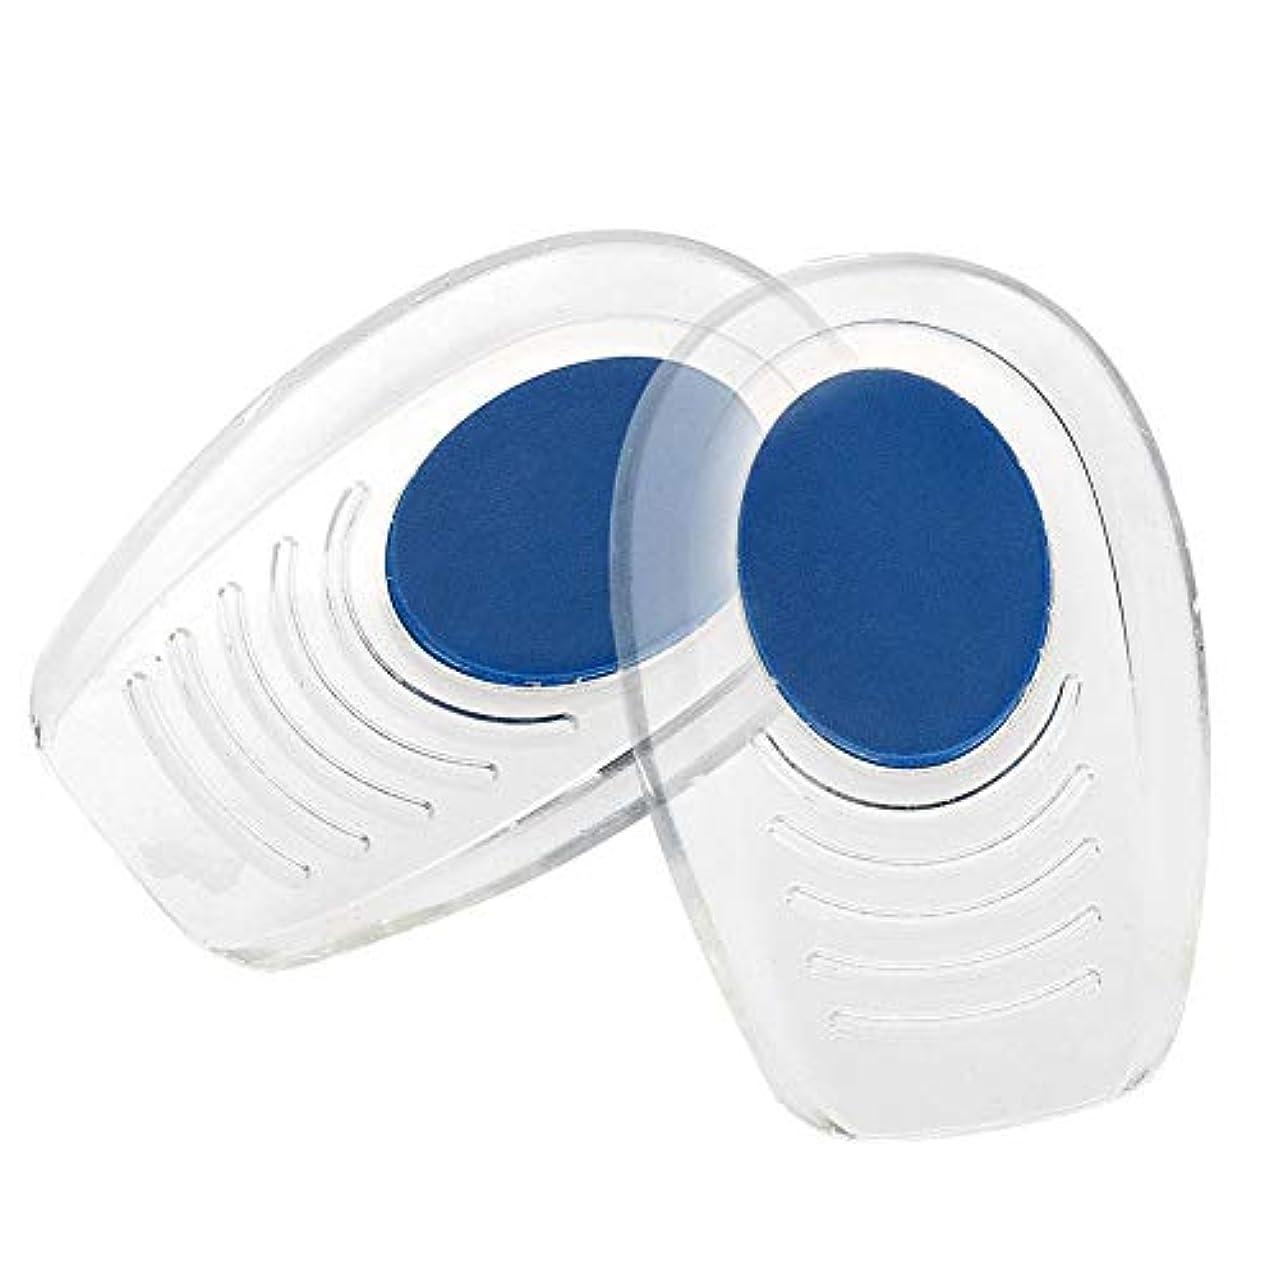 消すユニークなセンターソフトインソール かかと痛みパッド   シリコーン衝撃吸収ヒールパッド (滑り止めテクスチャー付) ブルー パッドフットケアツール (S(7*10.5CM))